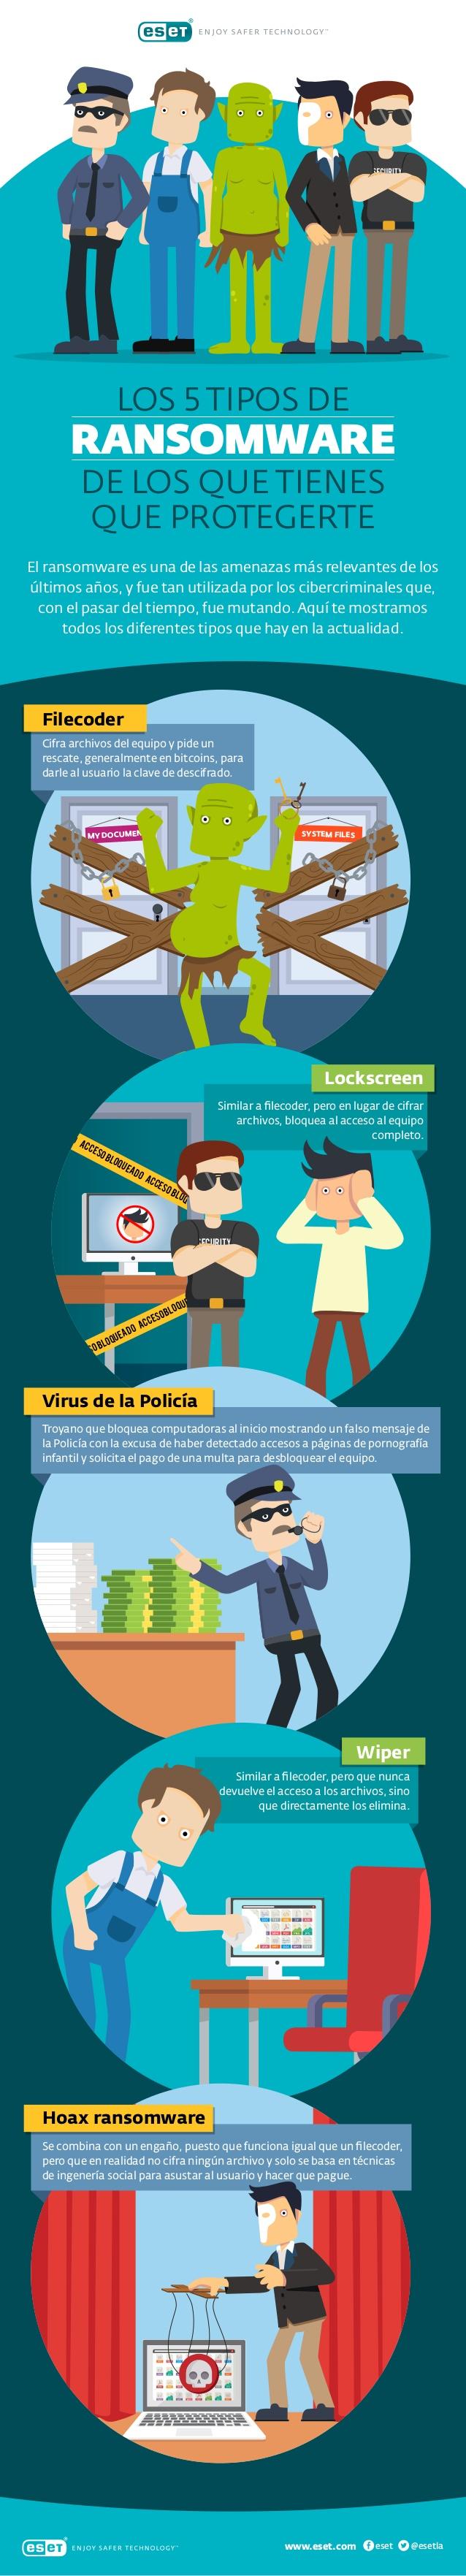 5 Tipos de Ransomware que más perjudican